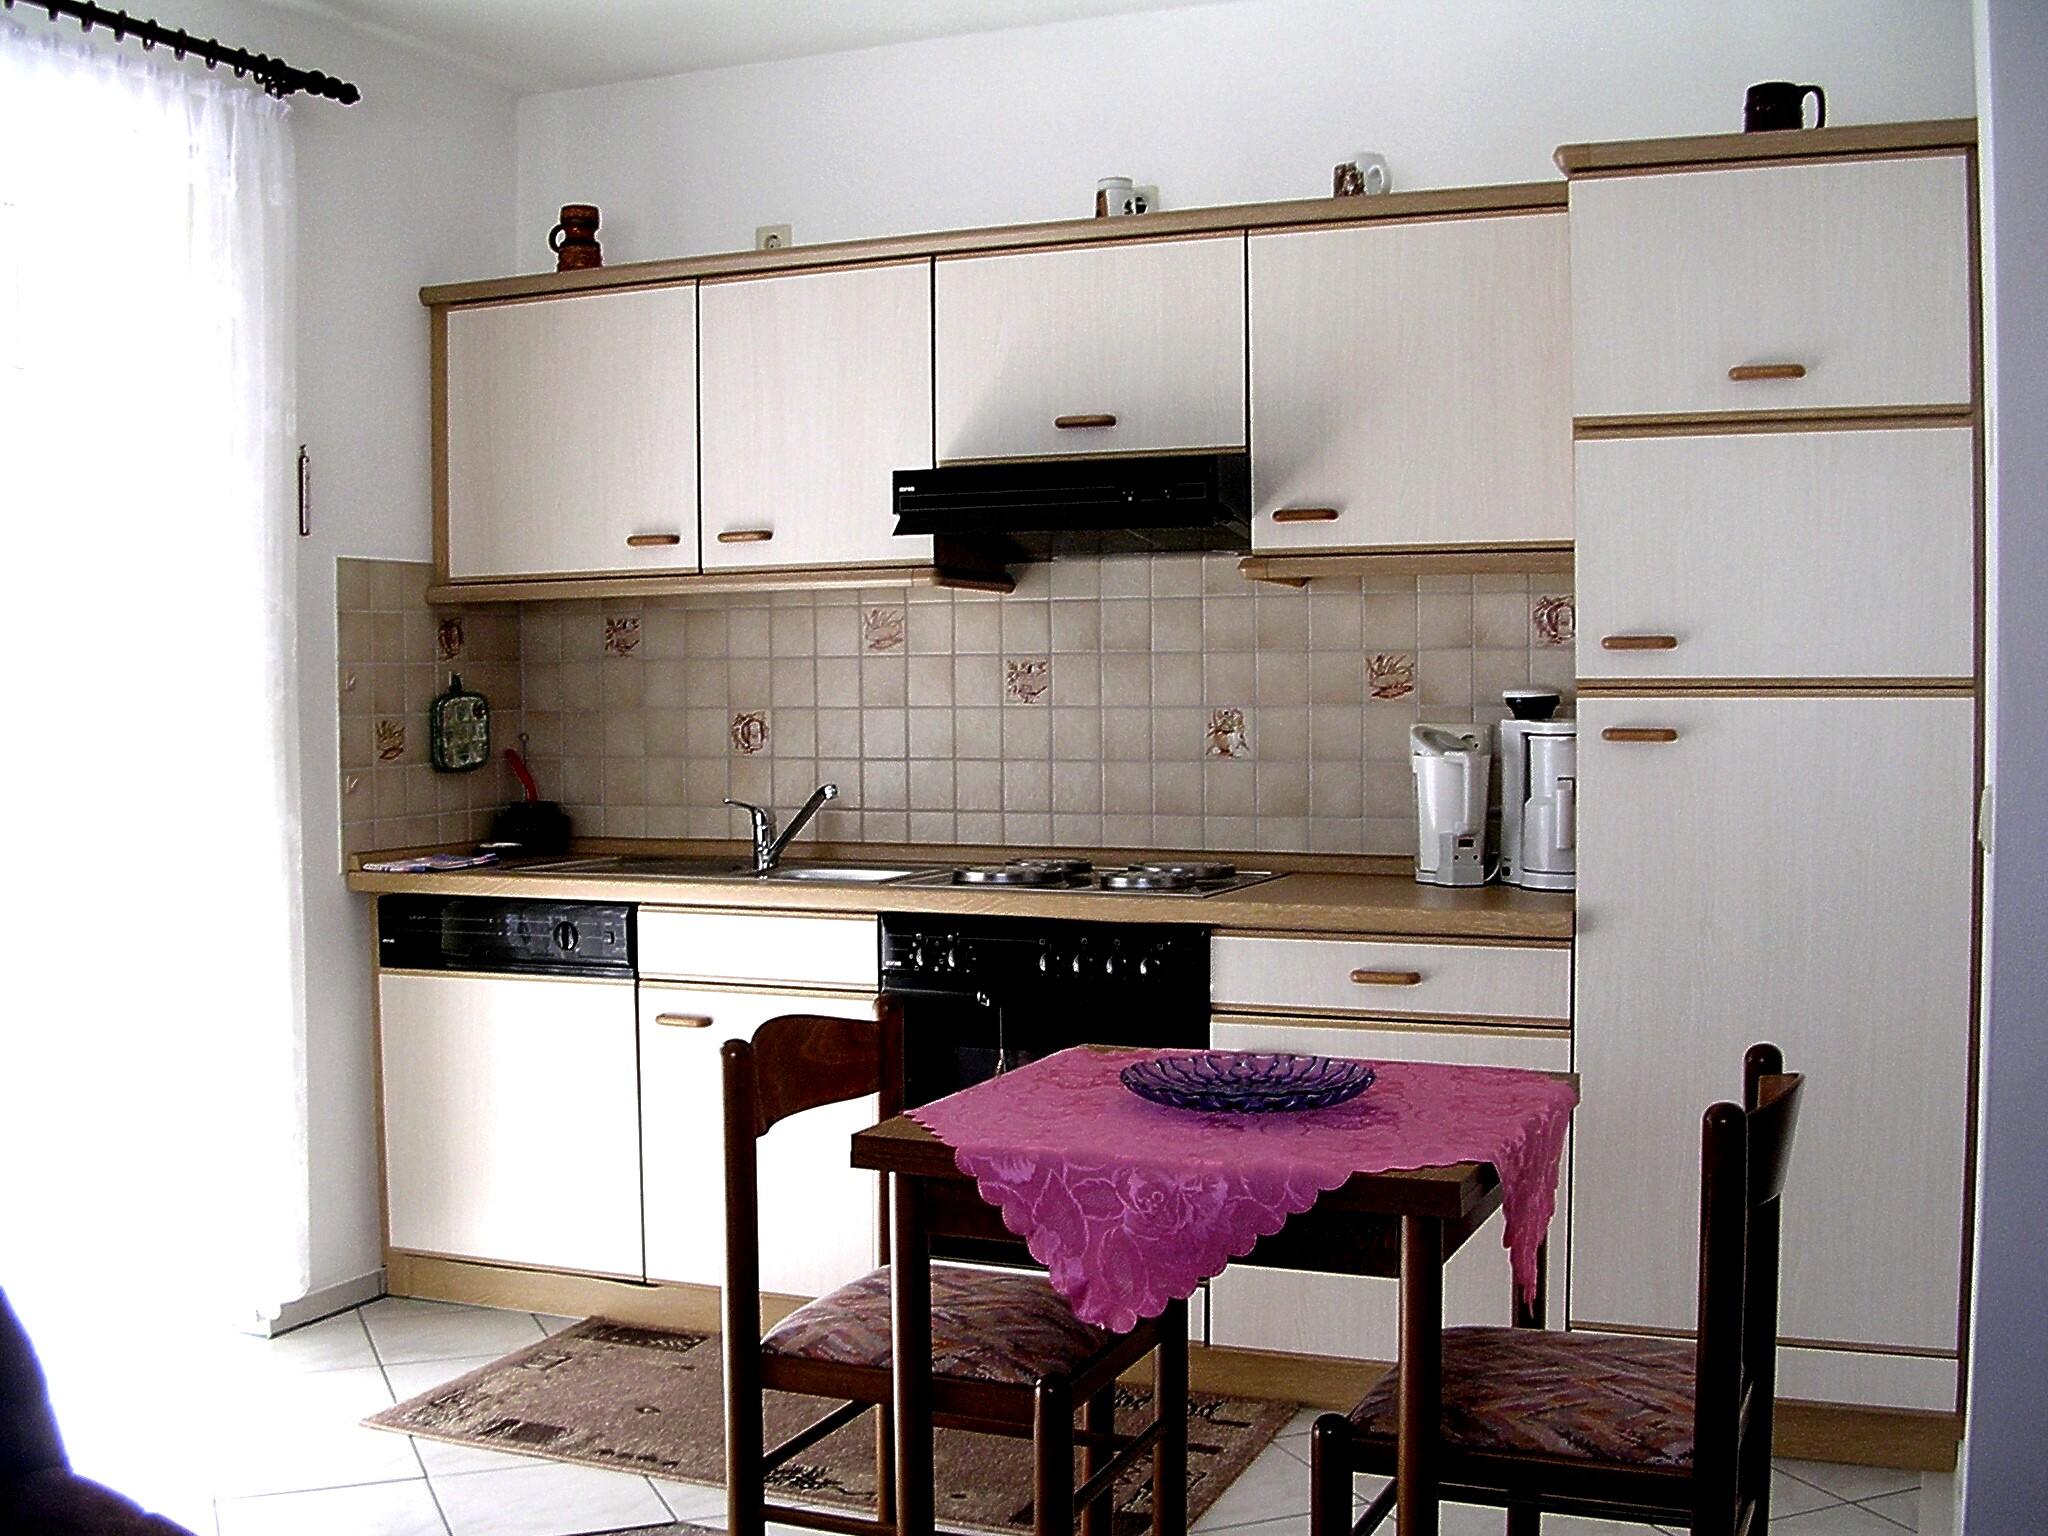 k che pink mischarmatur k che wanduhr modern wasserhahn frau sch ner wohnen outdoor kleine mit. Black Bedroom Furniture Sets. Home Design Ideas